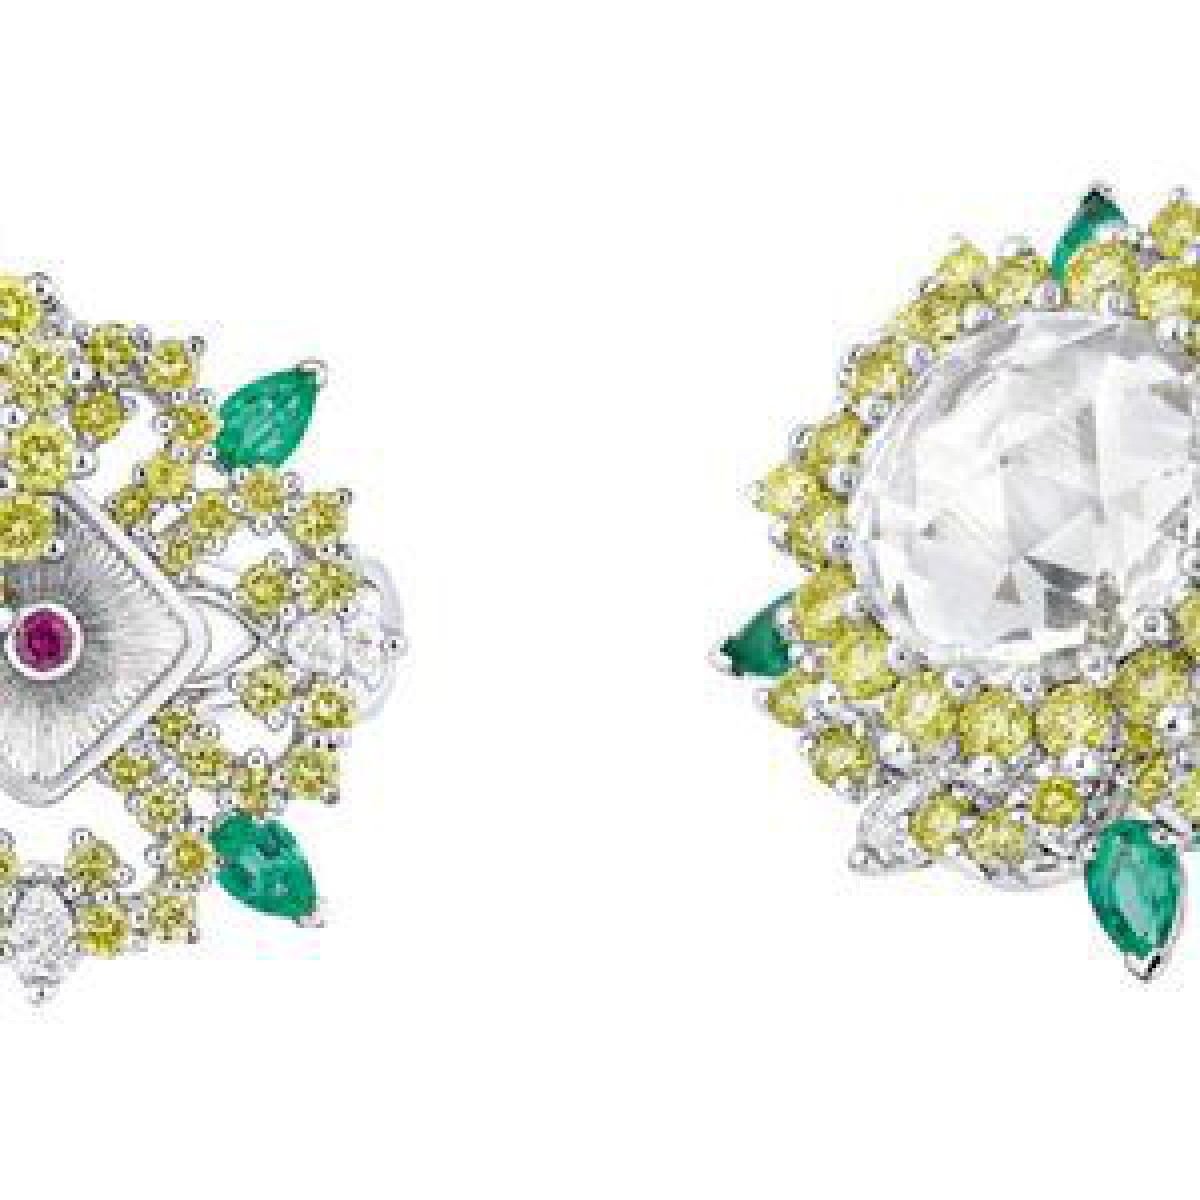 ディオールが新作ハイジュエリー発表、ダイヤモンドの下から宝石が現れる仕掛けも